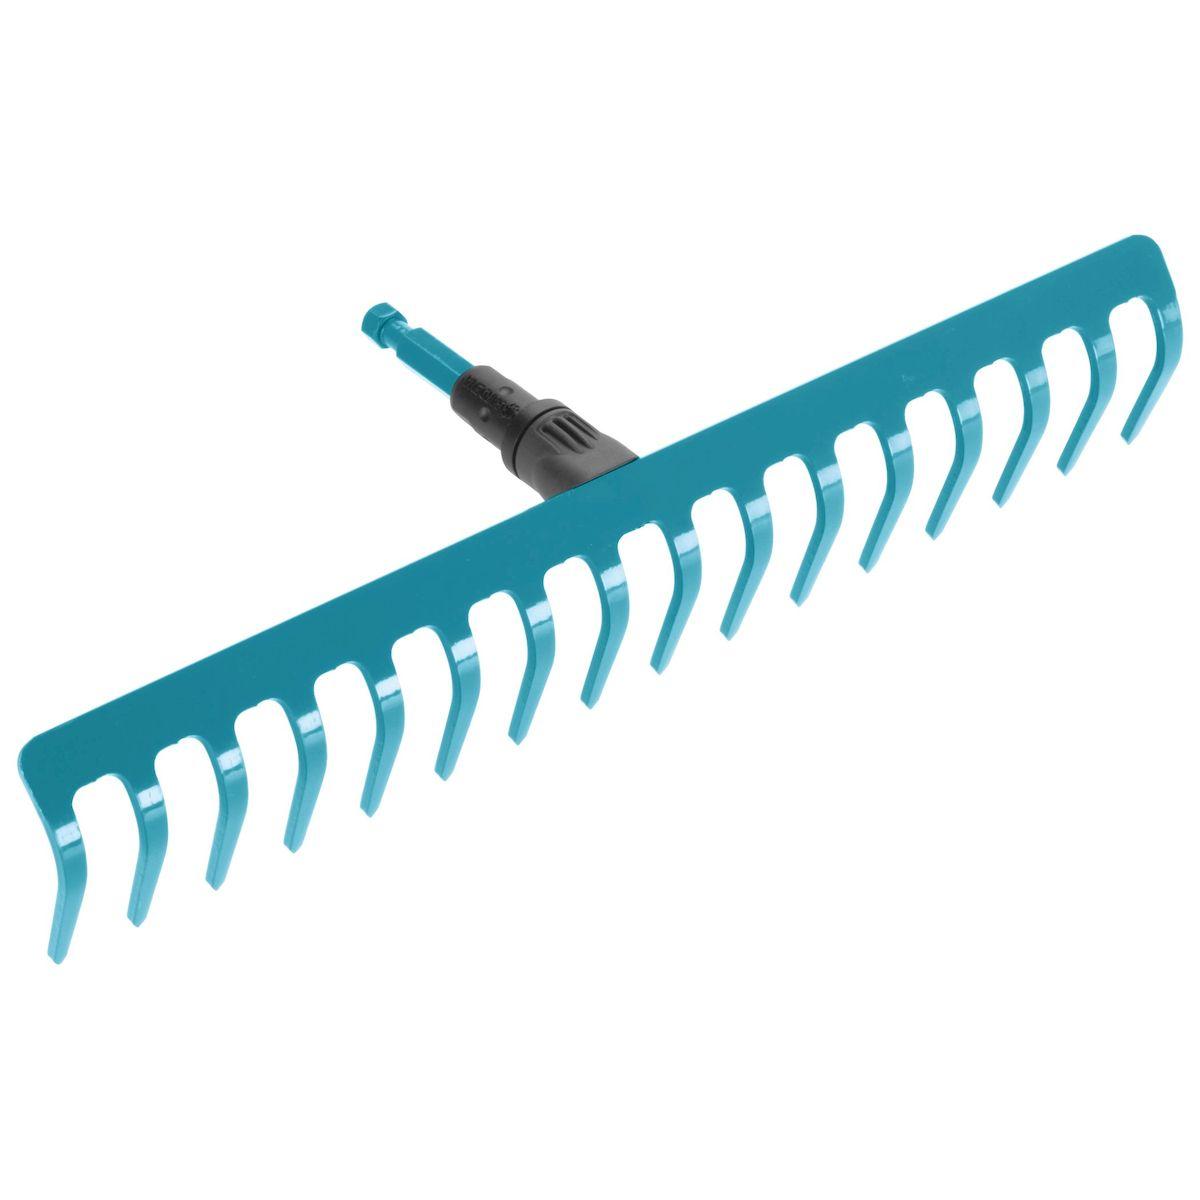 Грабли Gardena, без ручки, 41 см03179-20.000.00Грабли Gardena выполнены из высококачественной стали с покрытием из дюропласта, которое обеспечивает оптимальную защиту инструмента от коррозии. Грабли представляют собой практичный многофункциональный инструмент, который идеально подходит для очистки, обработки и выравнивания почвы. Грабли могут использоваться с любой ручкой, однако рекомендуется использовать ручку длиной 150 см, в зависимости от роста пользователя. Рабочая ширина: 41 см.